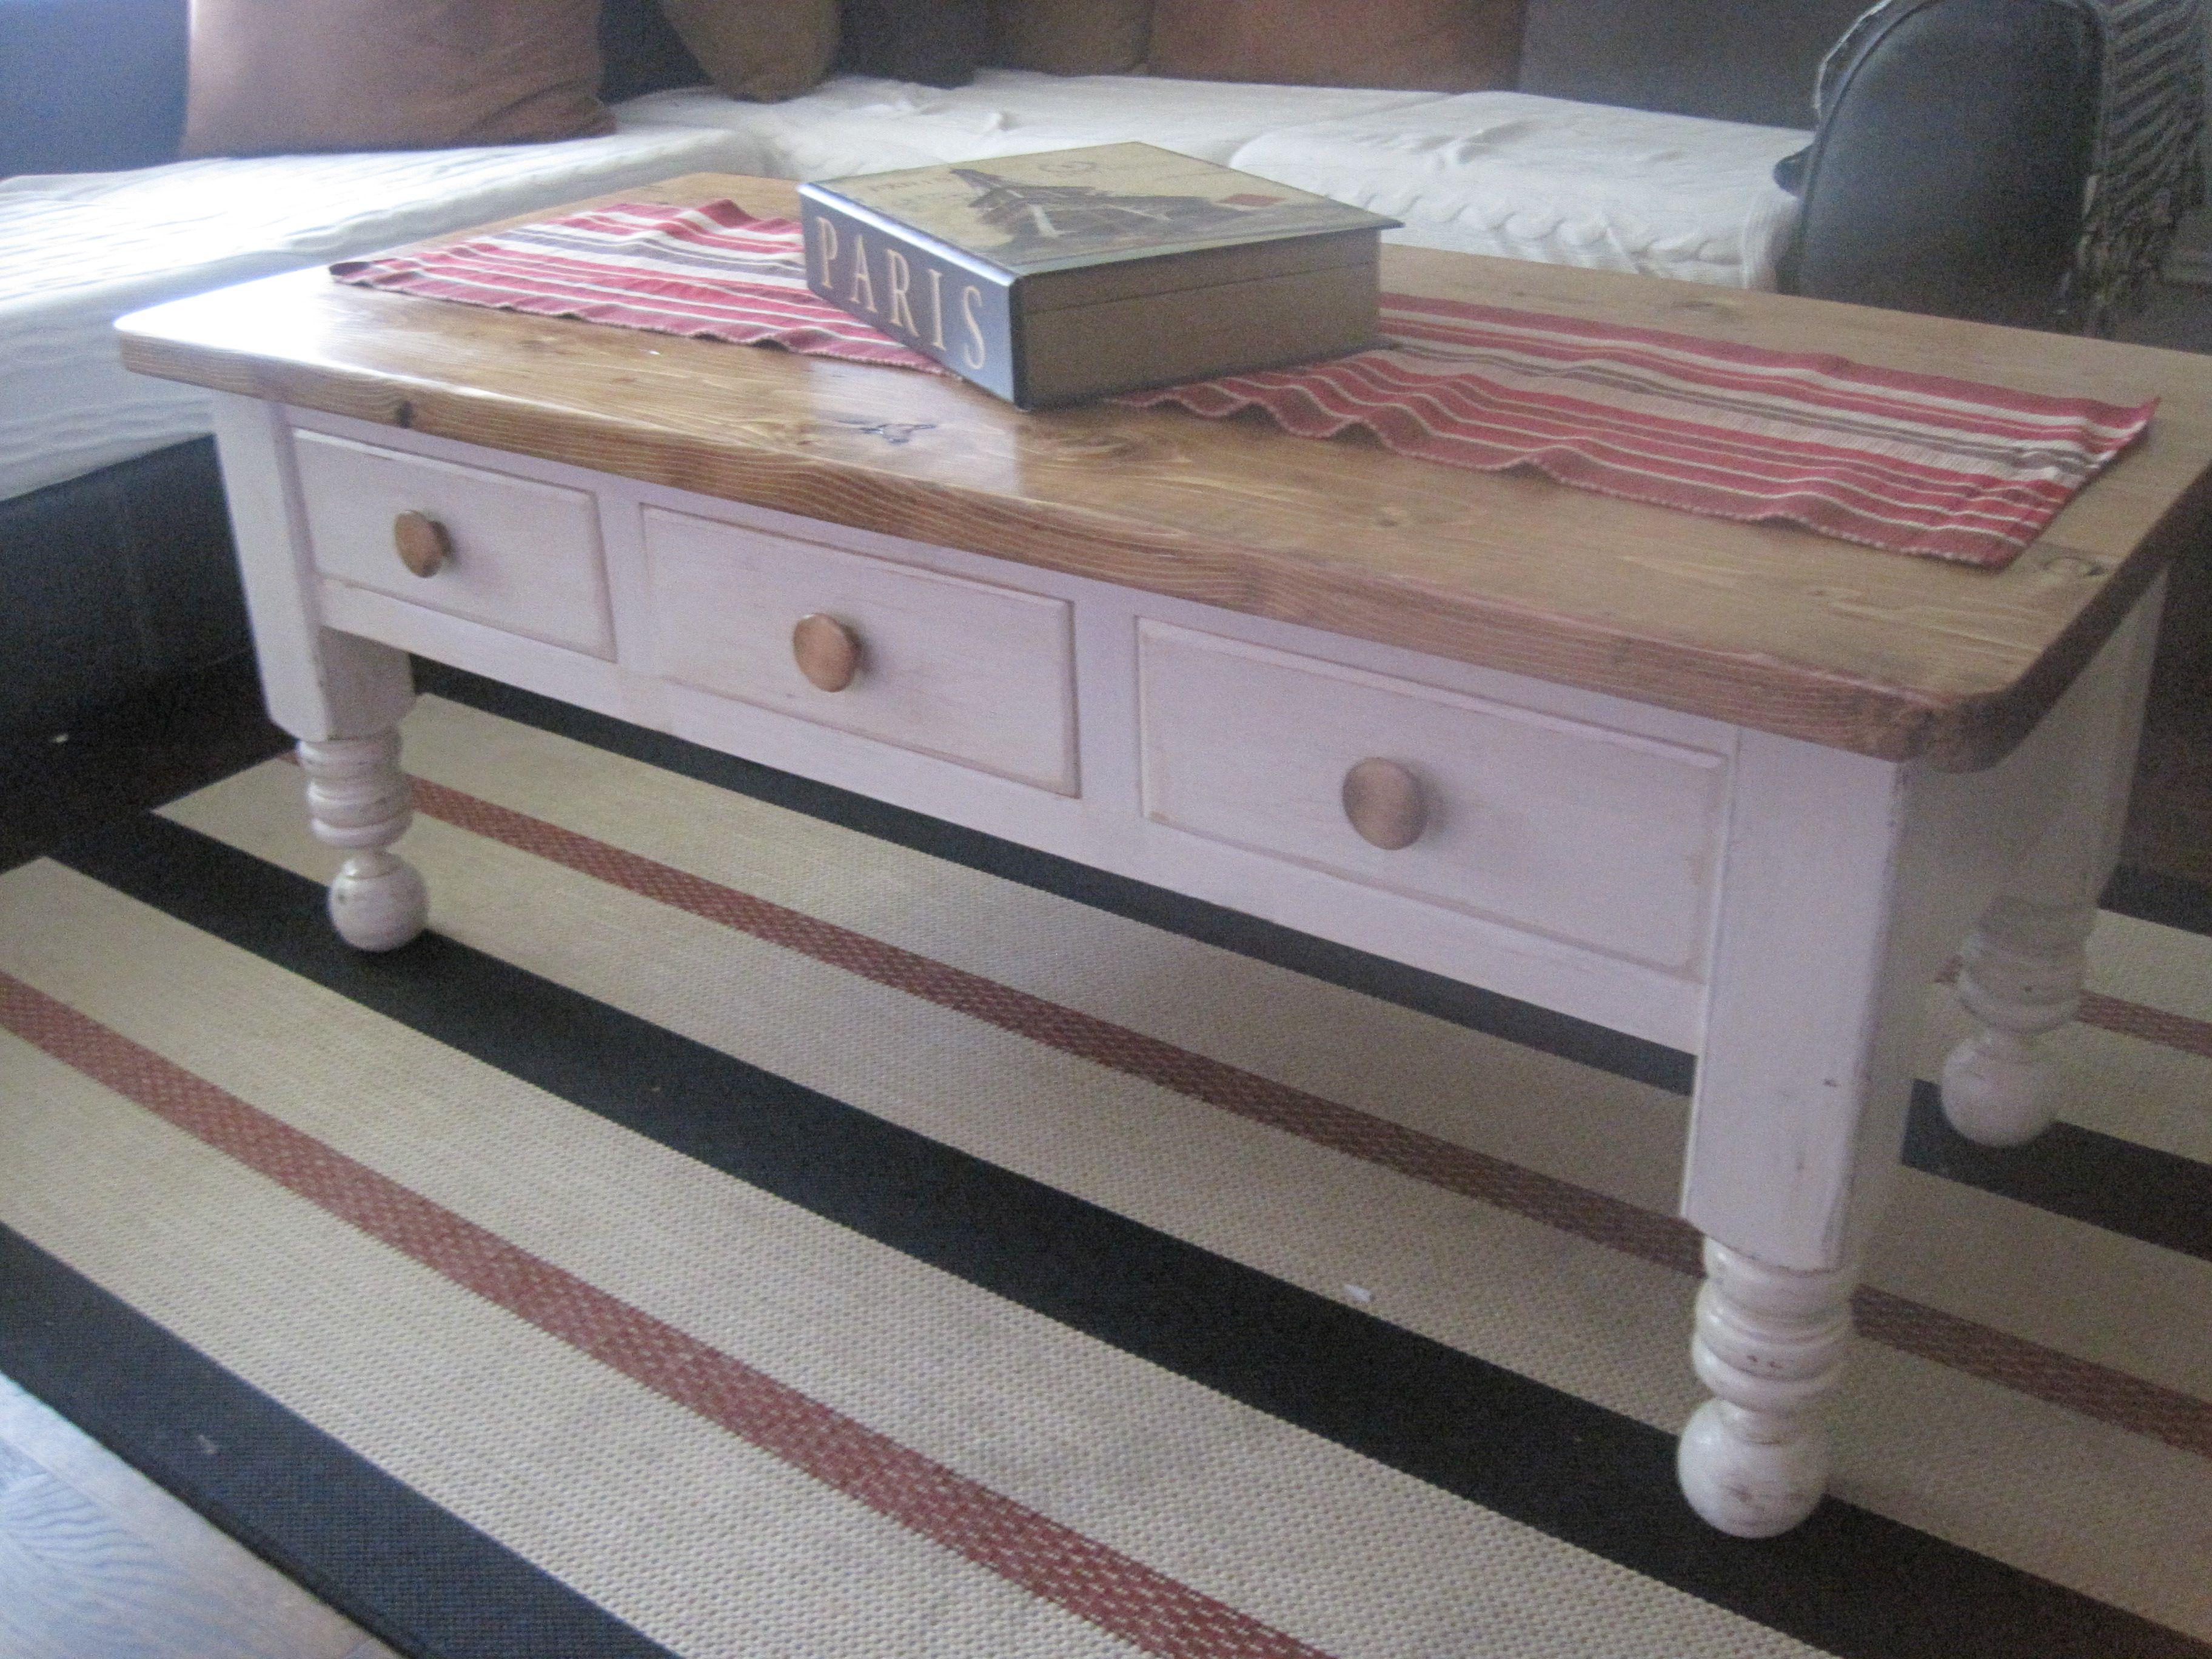 mesa de centro pintada e envelhida a mao.